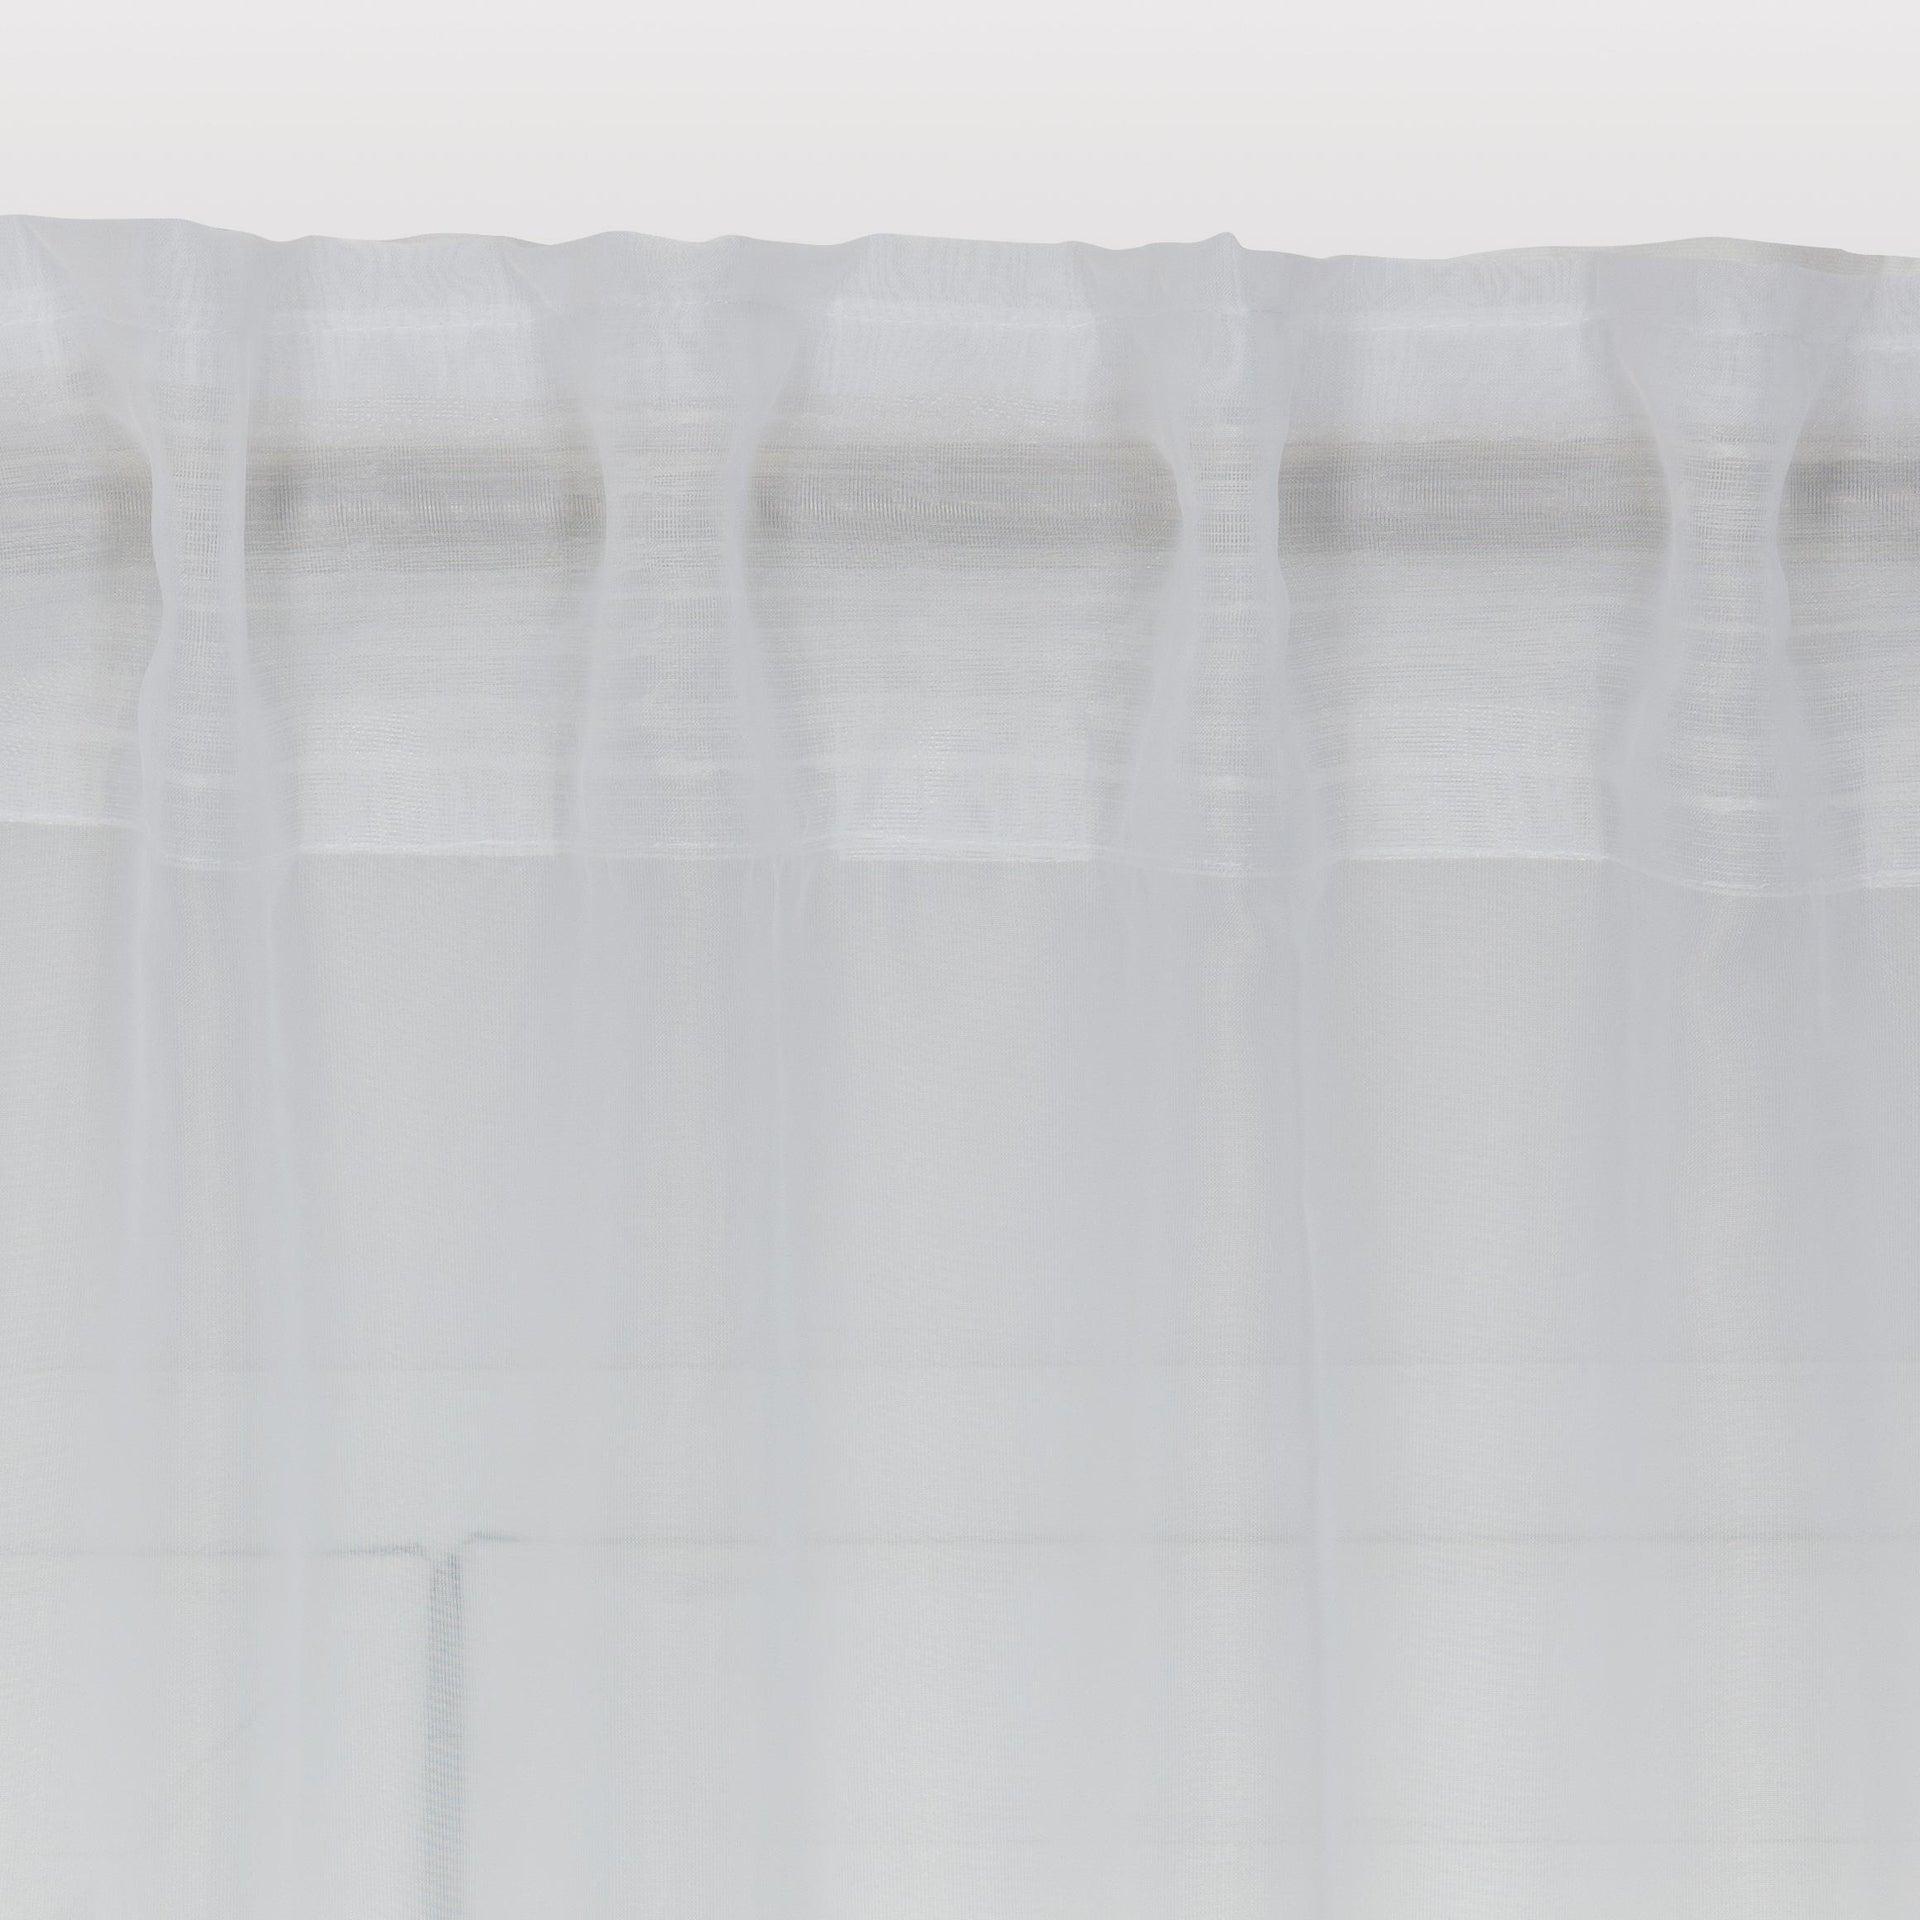 Tenda INSPIRE Lolly bianco fettuccia e passanti 140 x 280 cm - 3